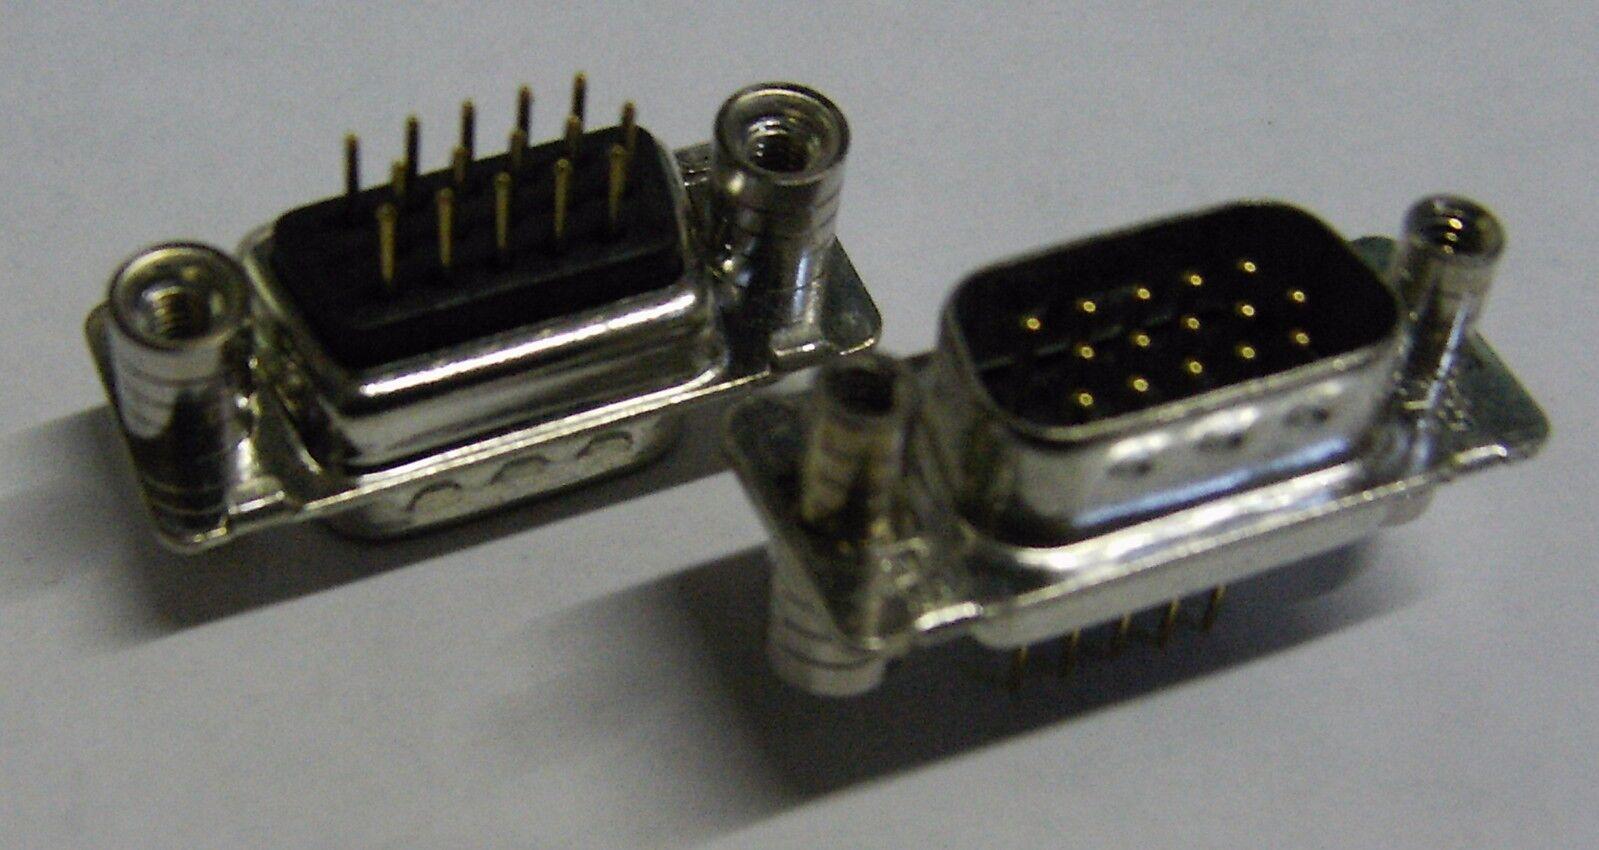 2 X CONEC CDS15PFHDUNMAGSN 15 Way 3 Row VGA PCB Mount Plug | eBay